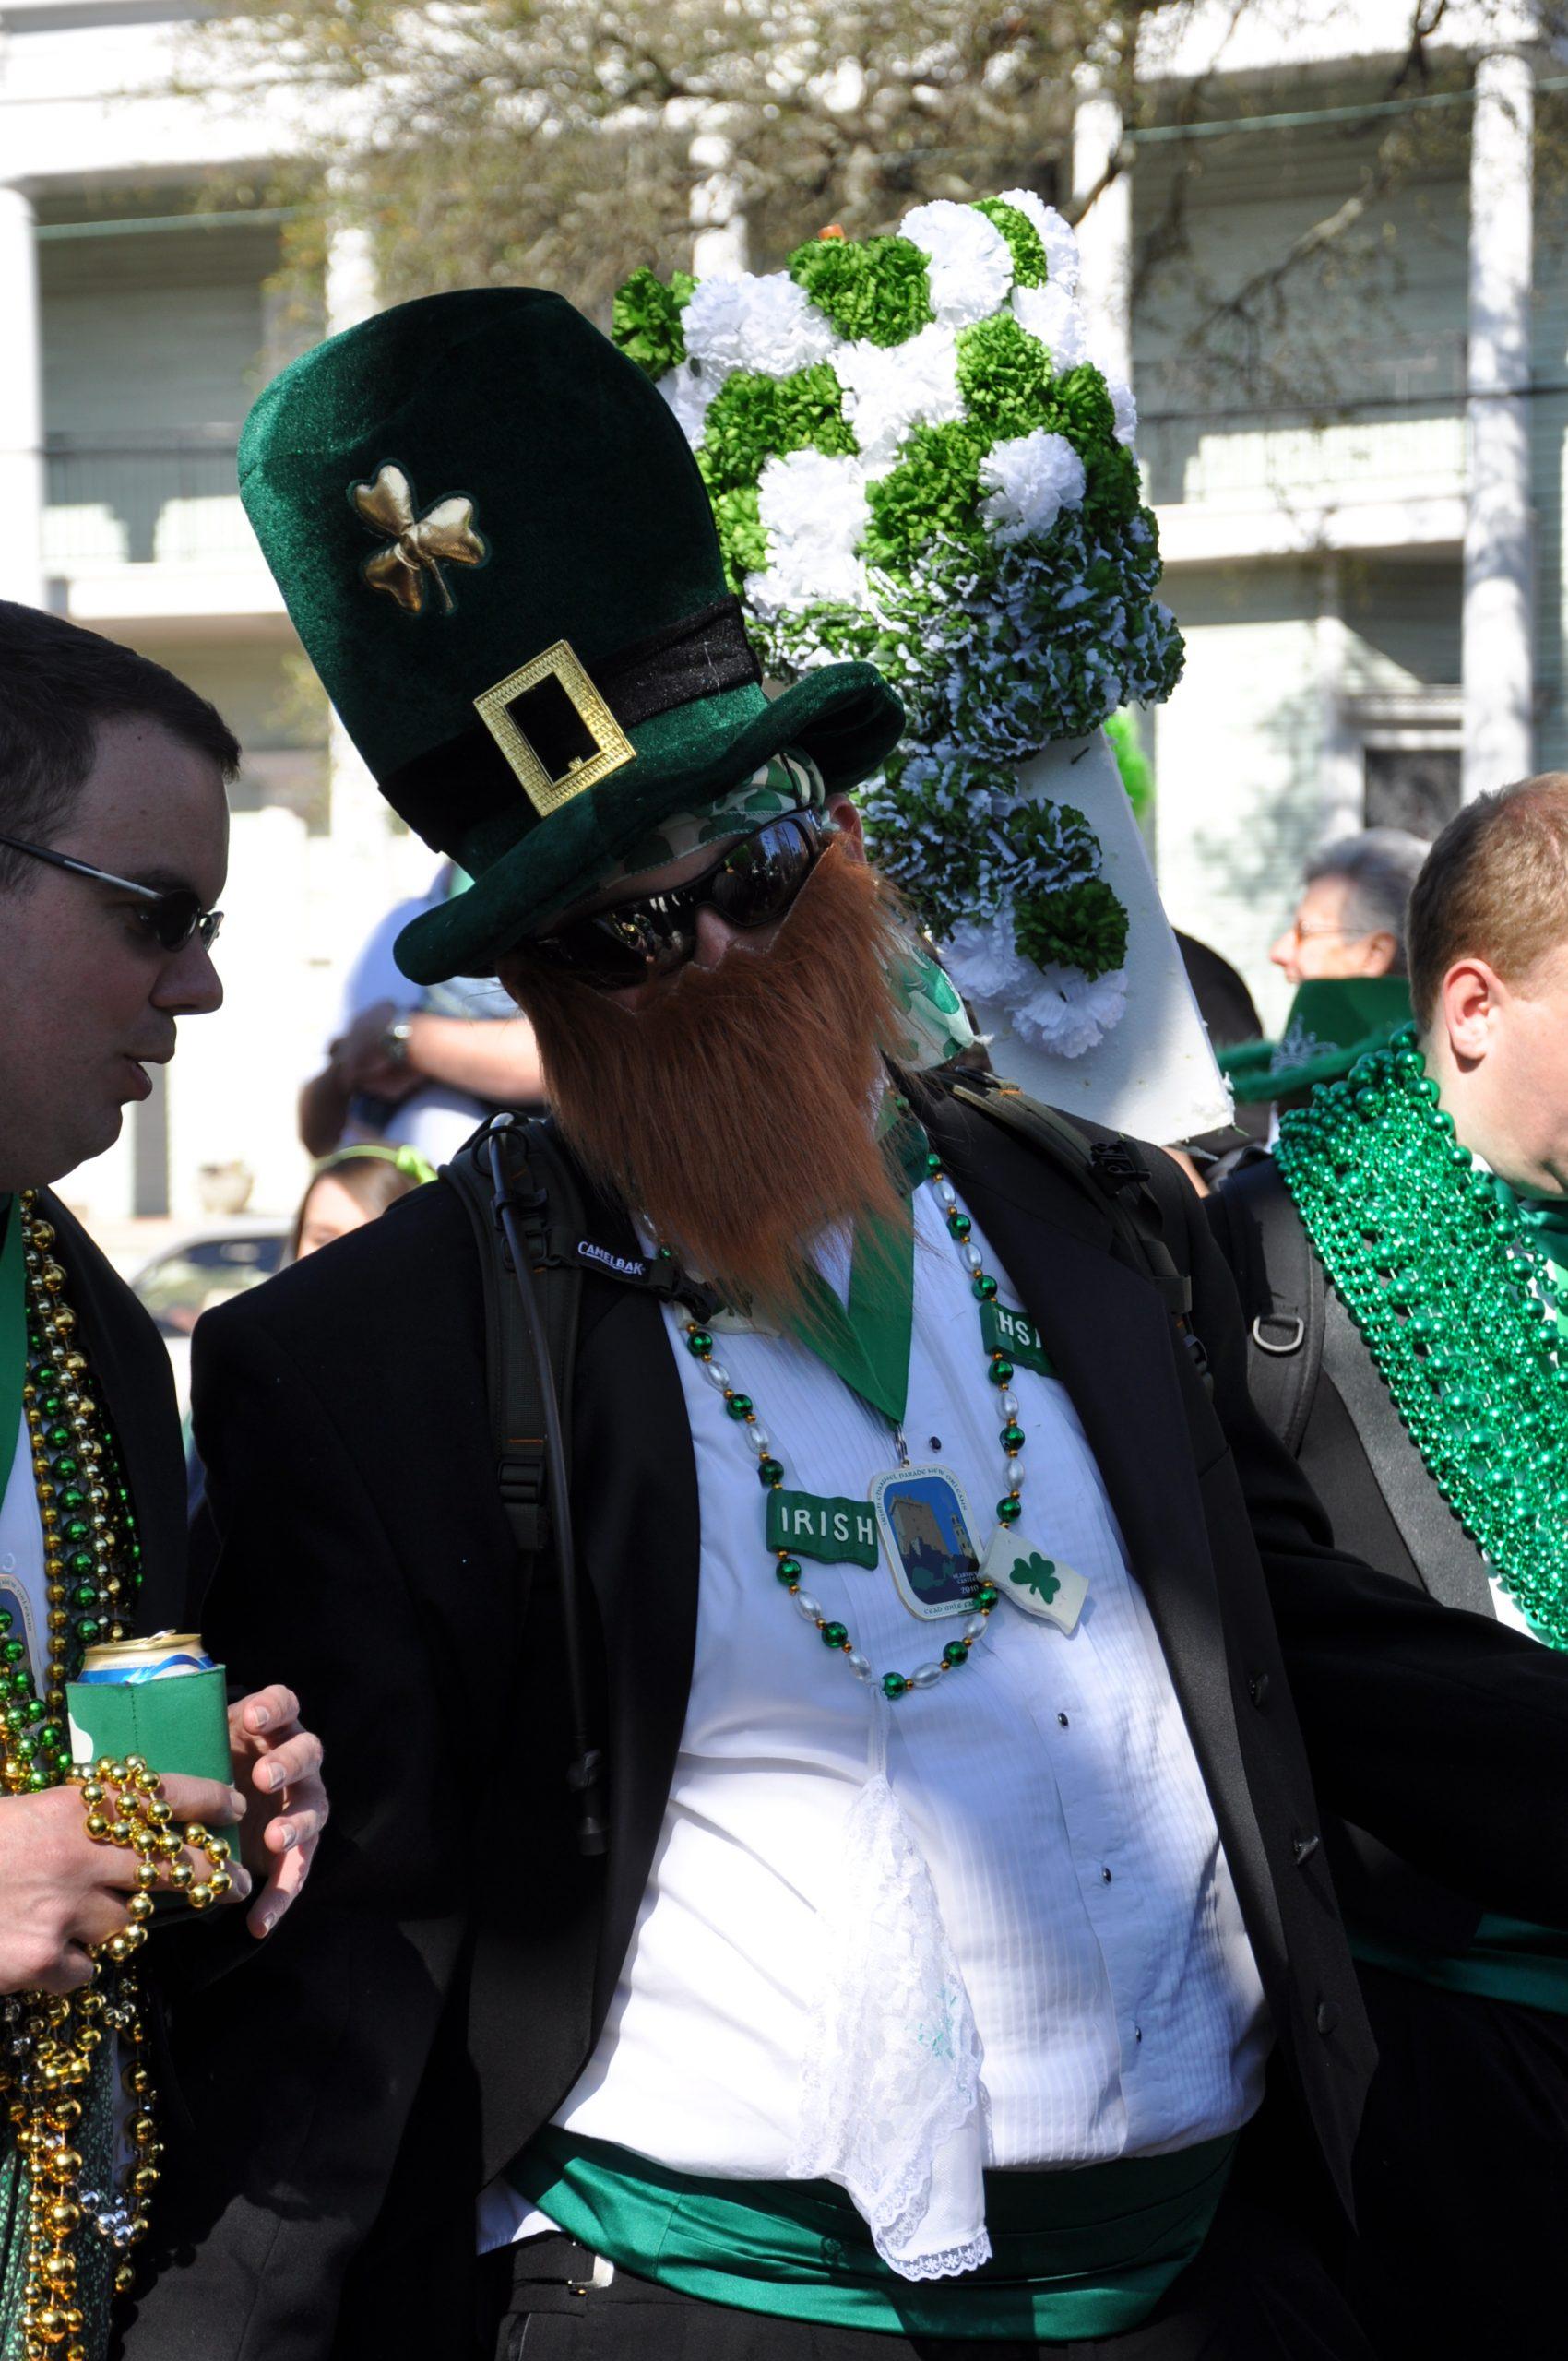 St. Patrick's Day reveler